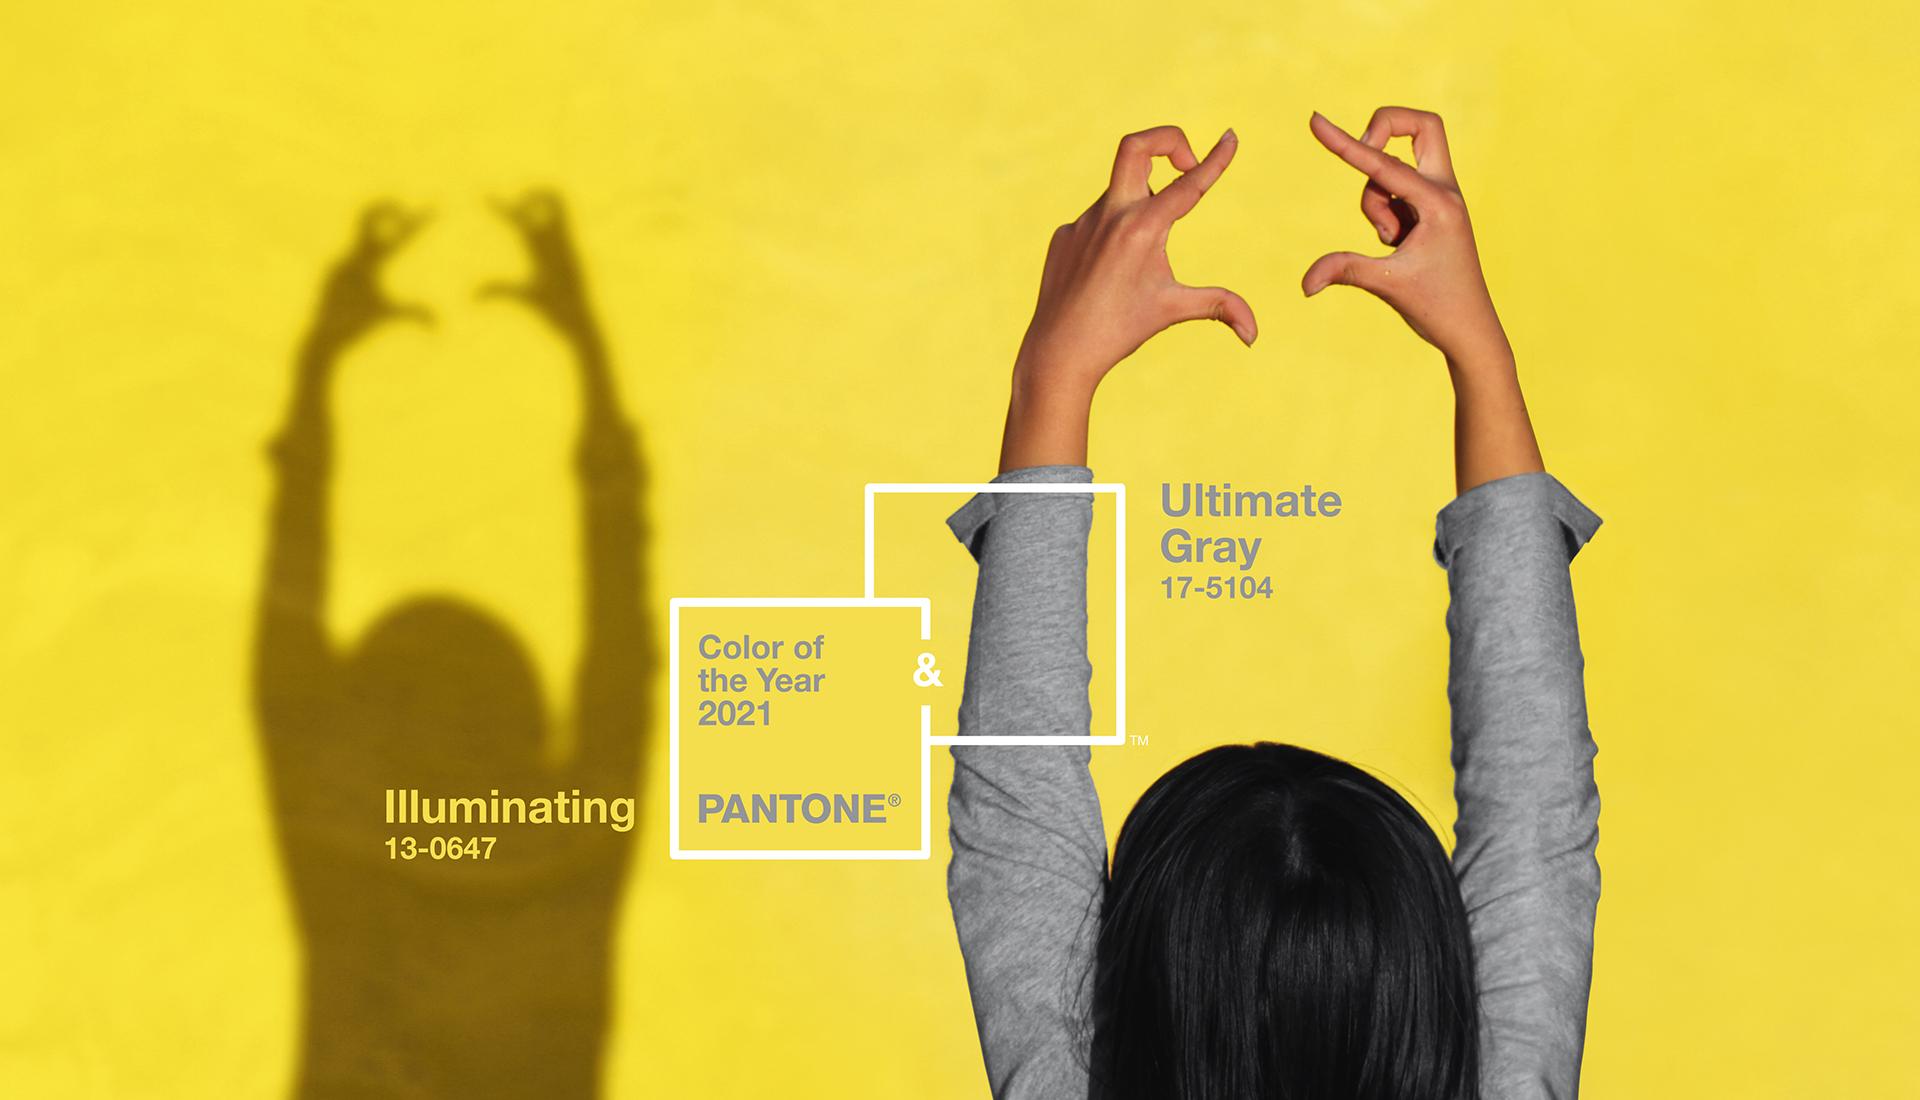 Цвет 2021: желтый и серый по версии Pantone